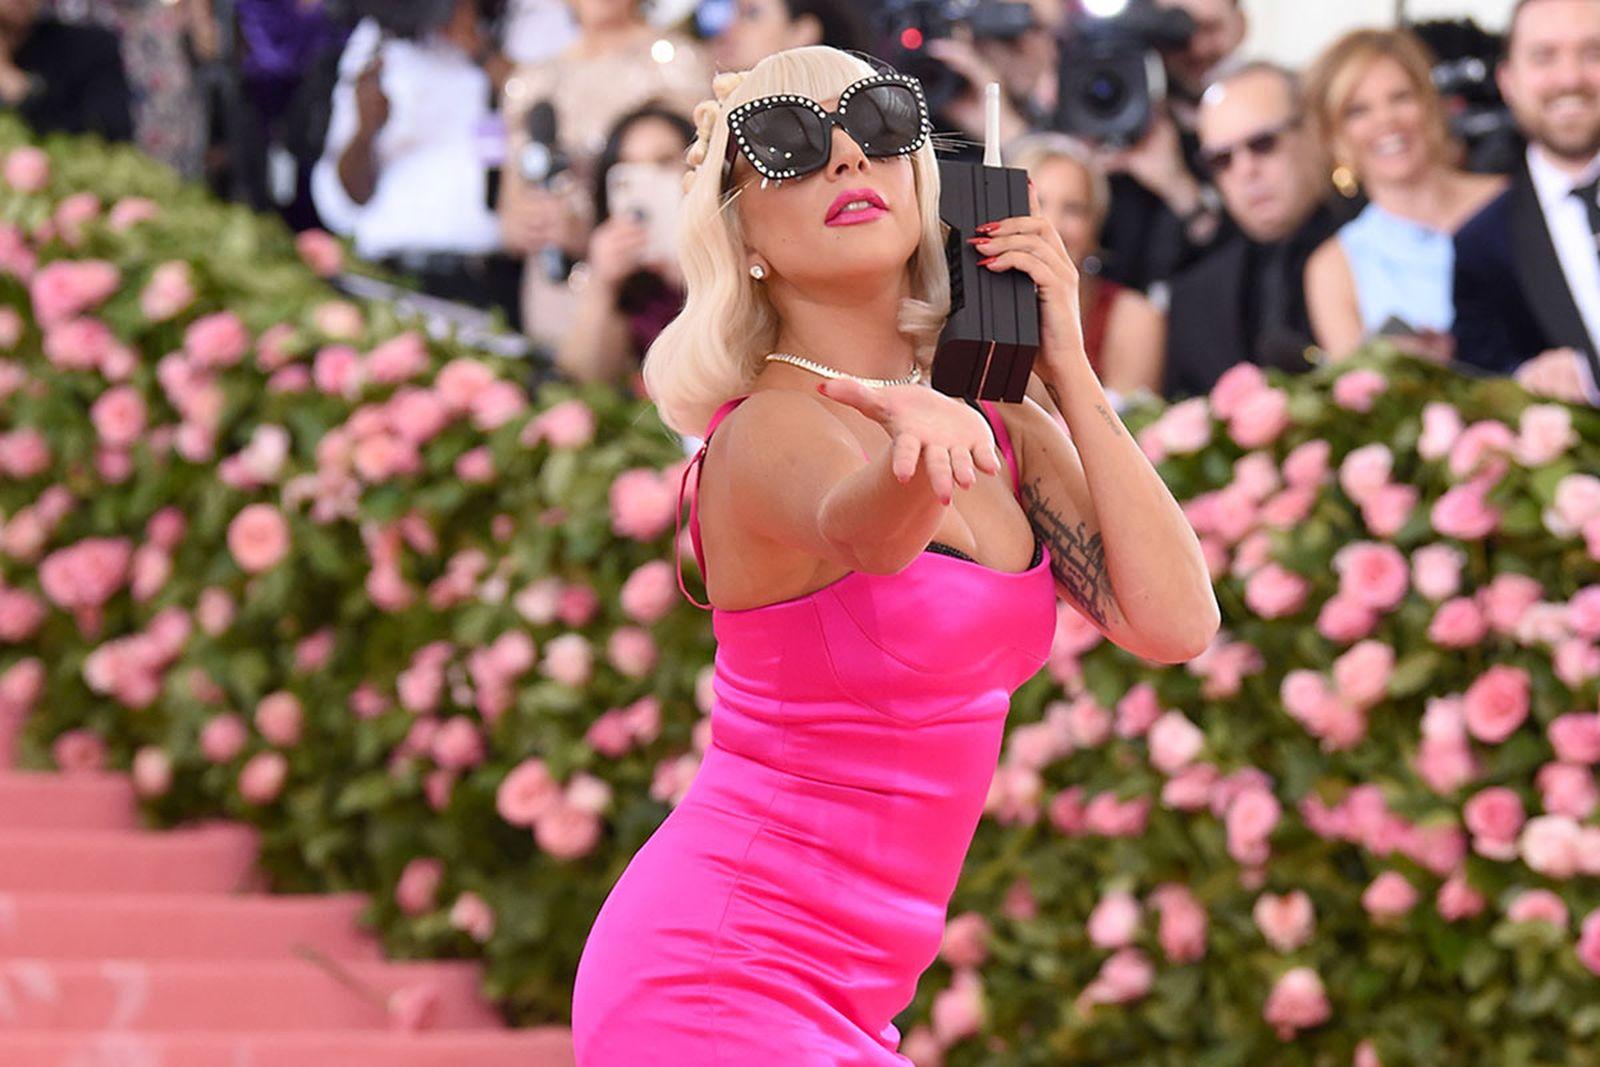 lady gaga pink dress met gala